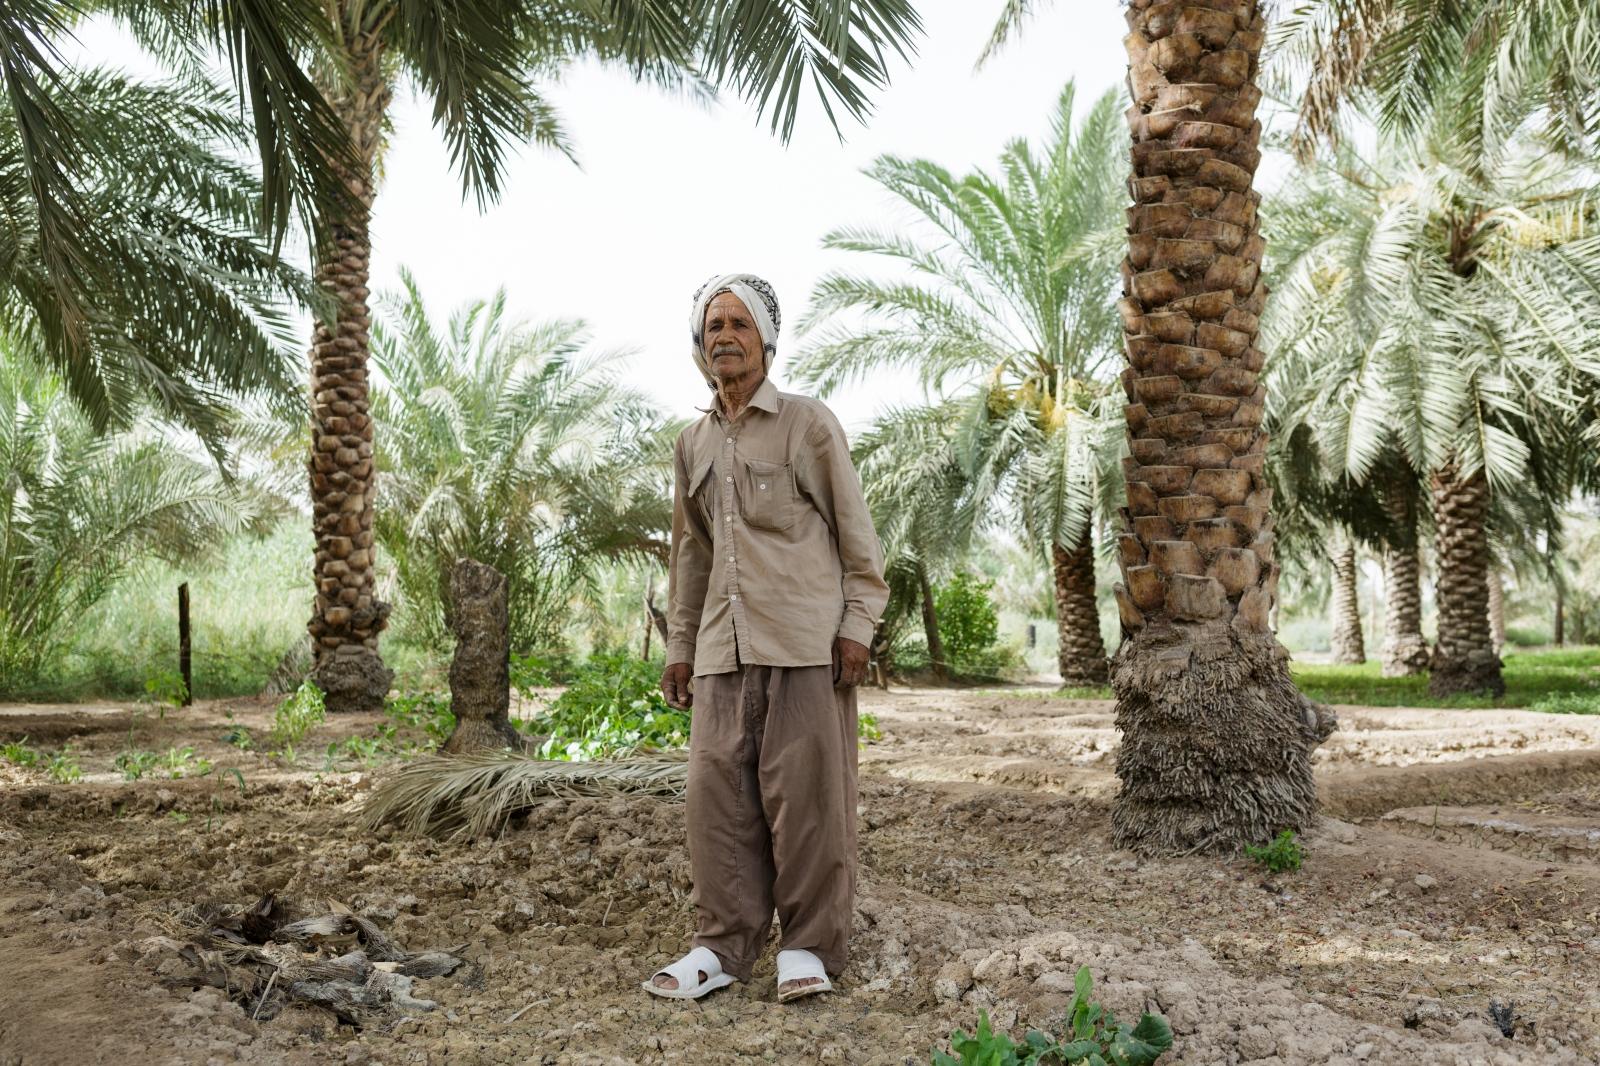 A date farmer in Abadan, Khuzestan, Iran.